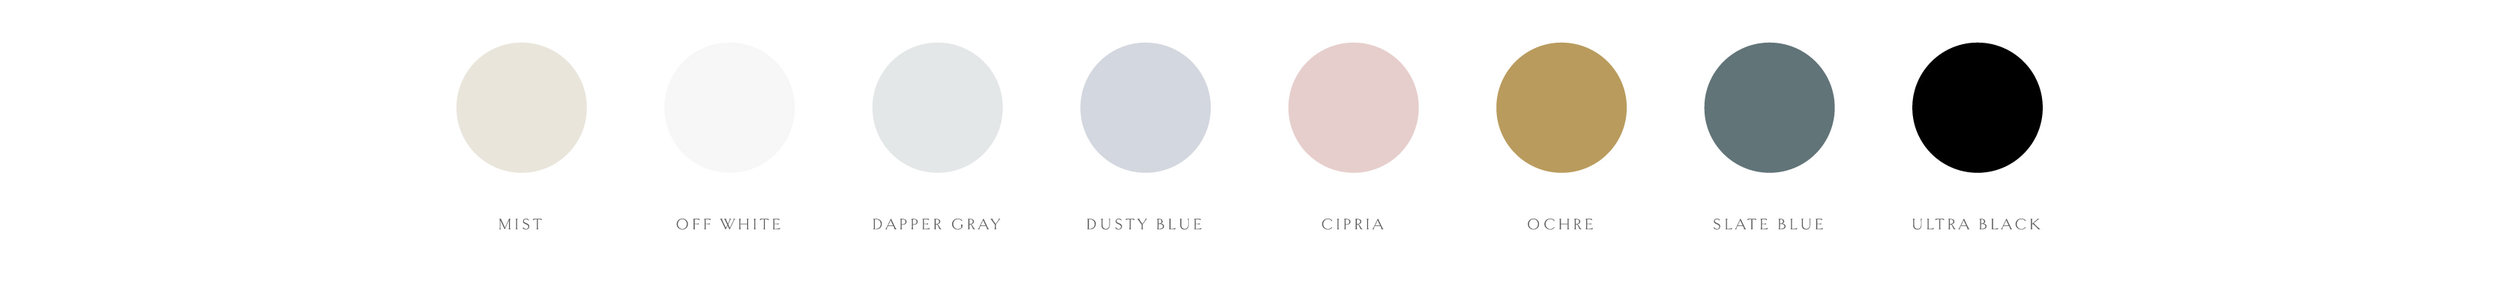 cardstock colors-10.jpg